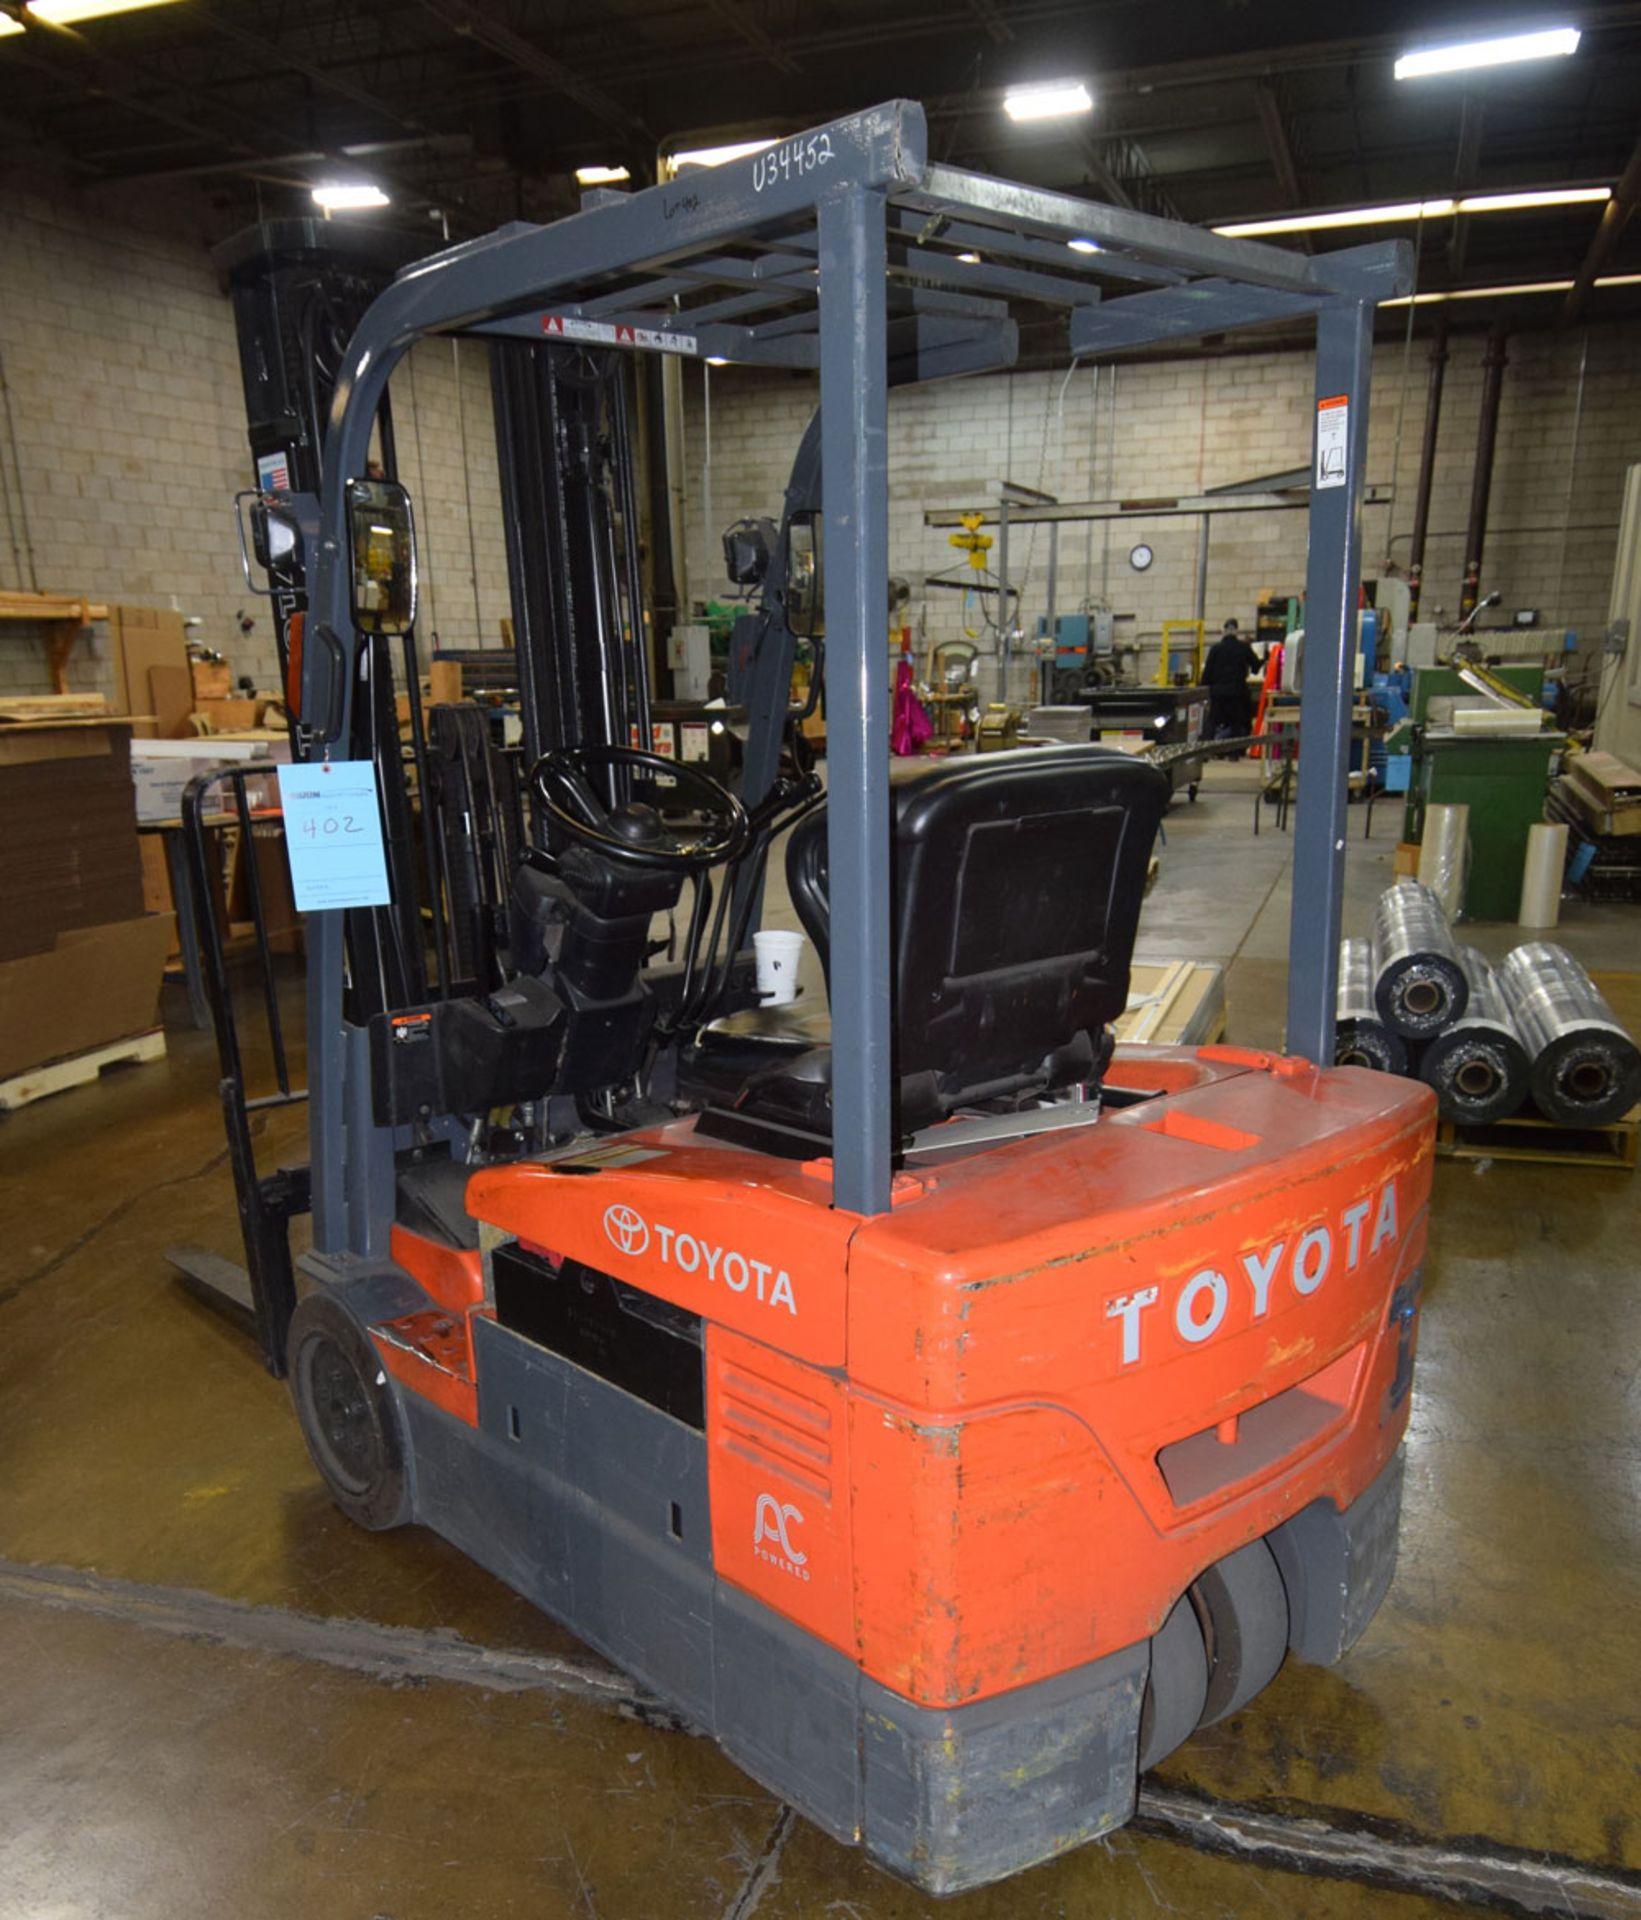 Forklift - Image 5 of 8